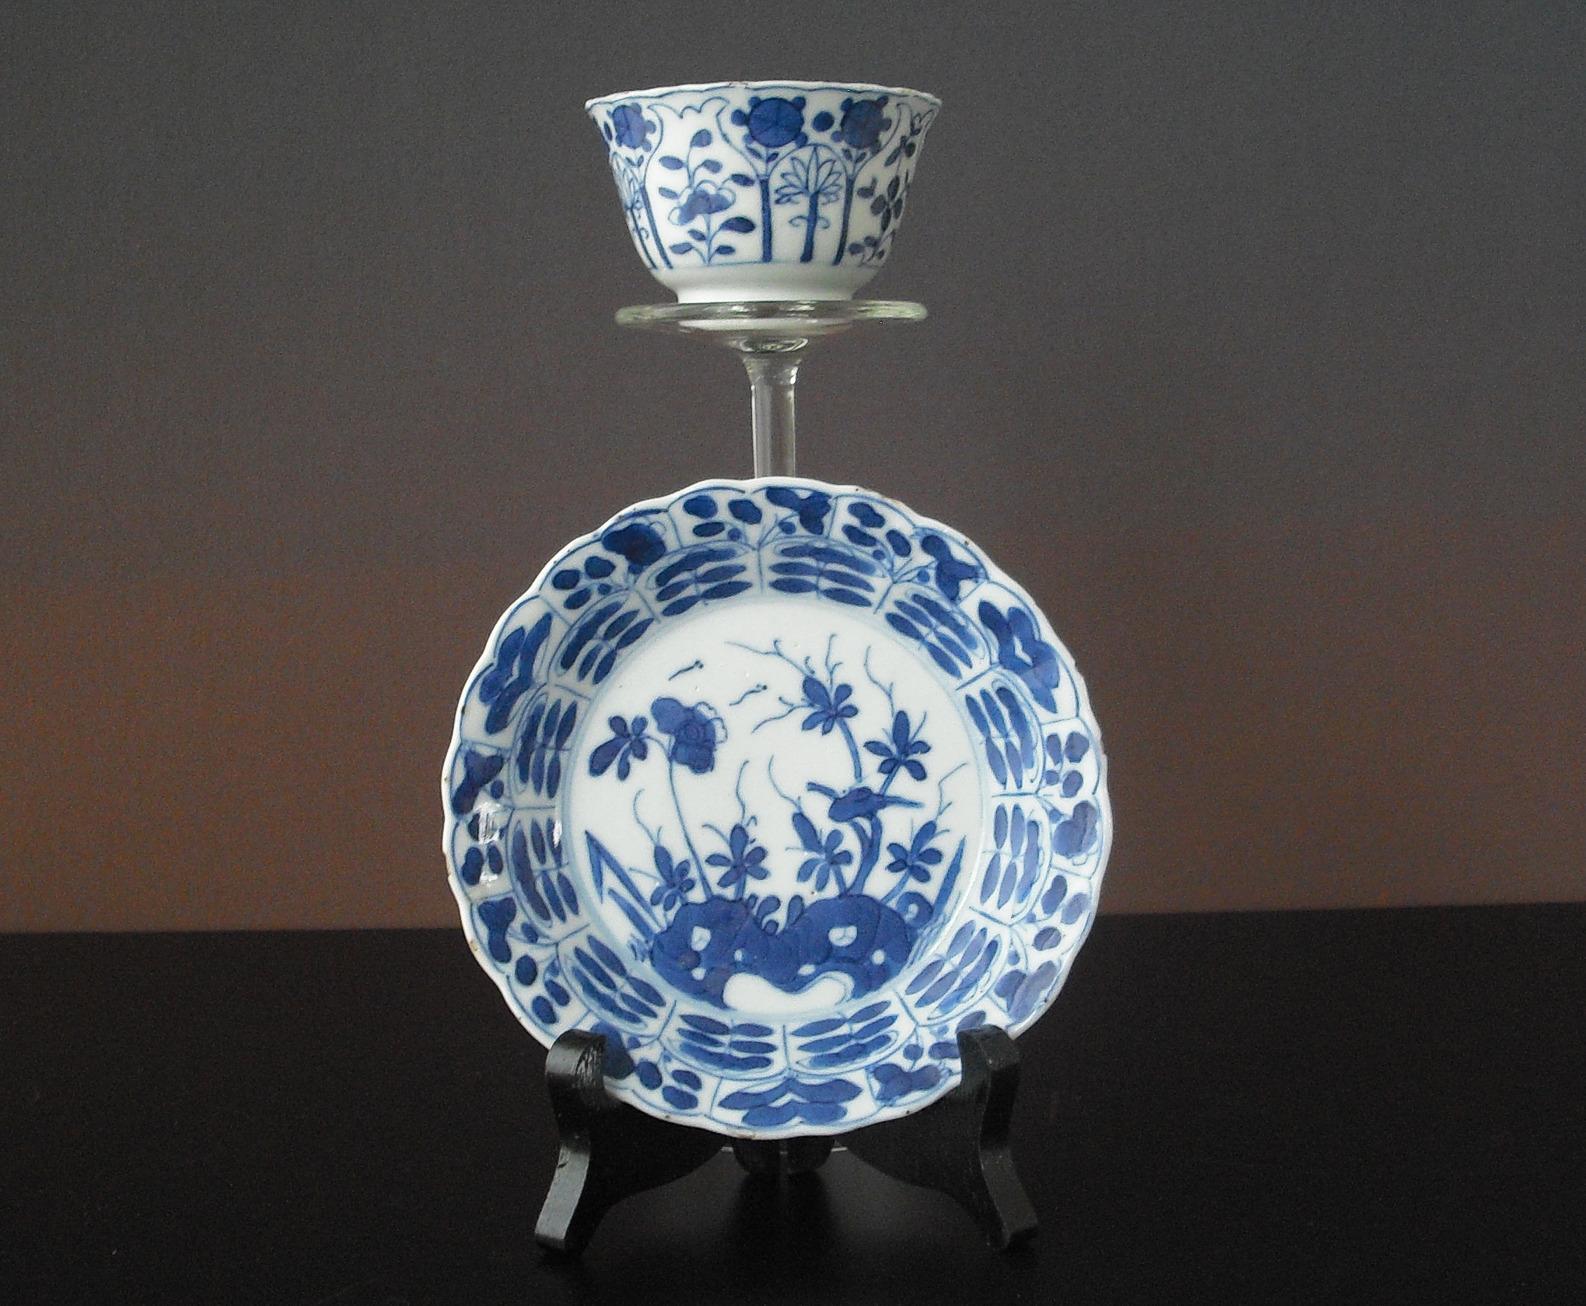 Kangxi Cup and Saucer